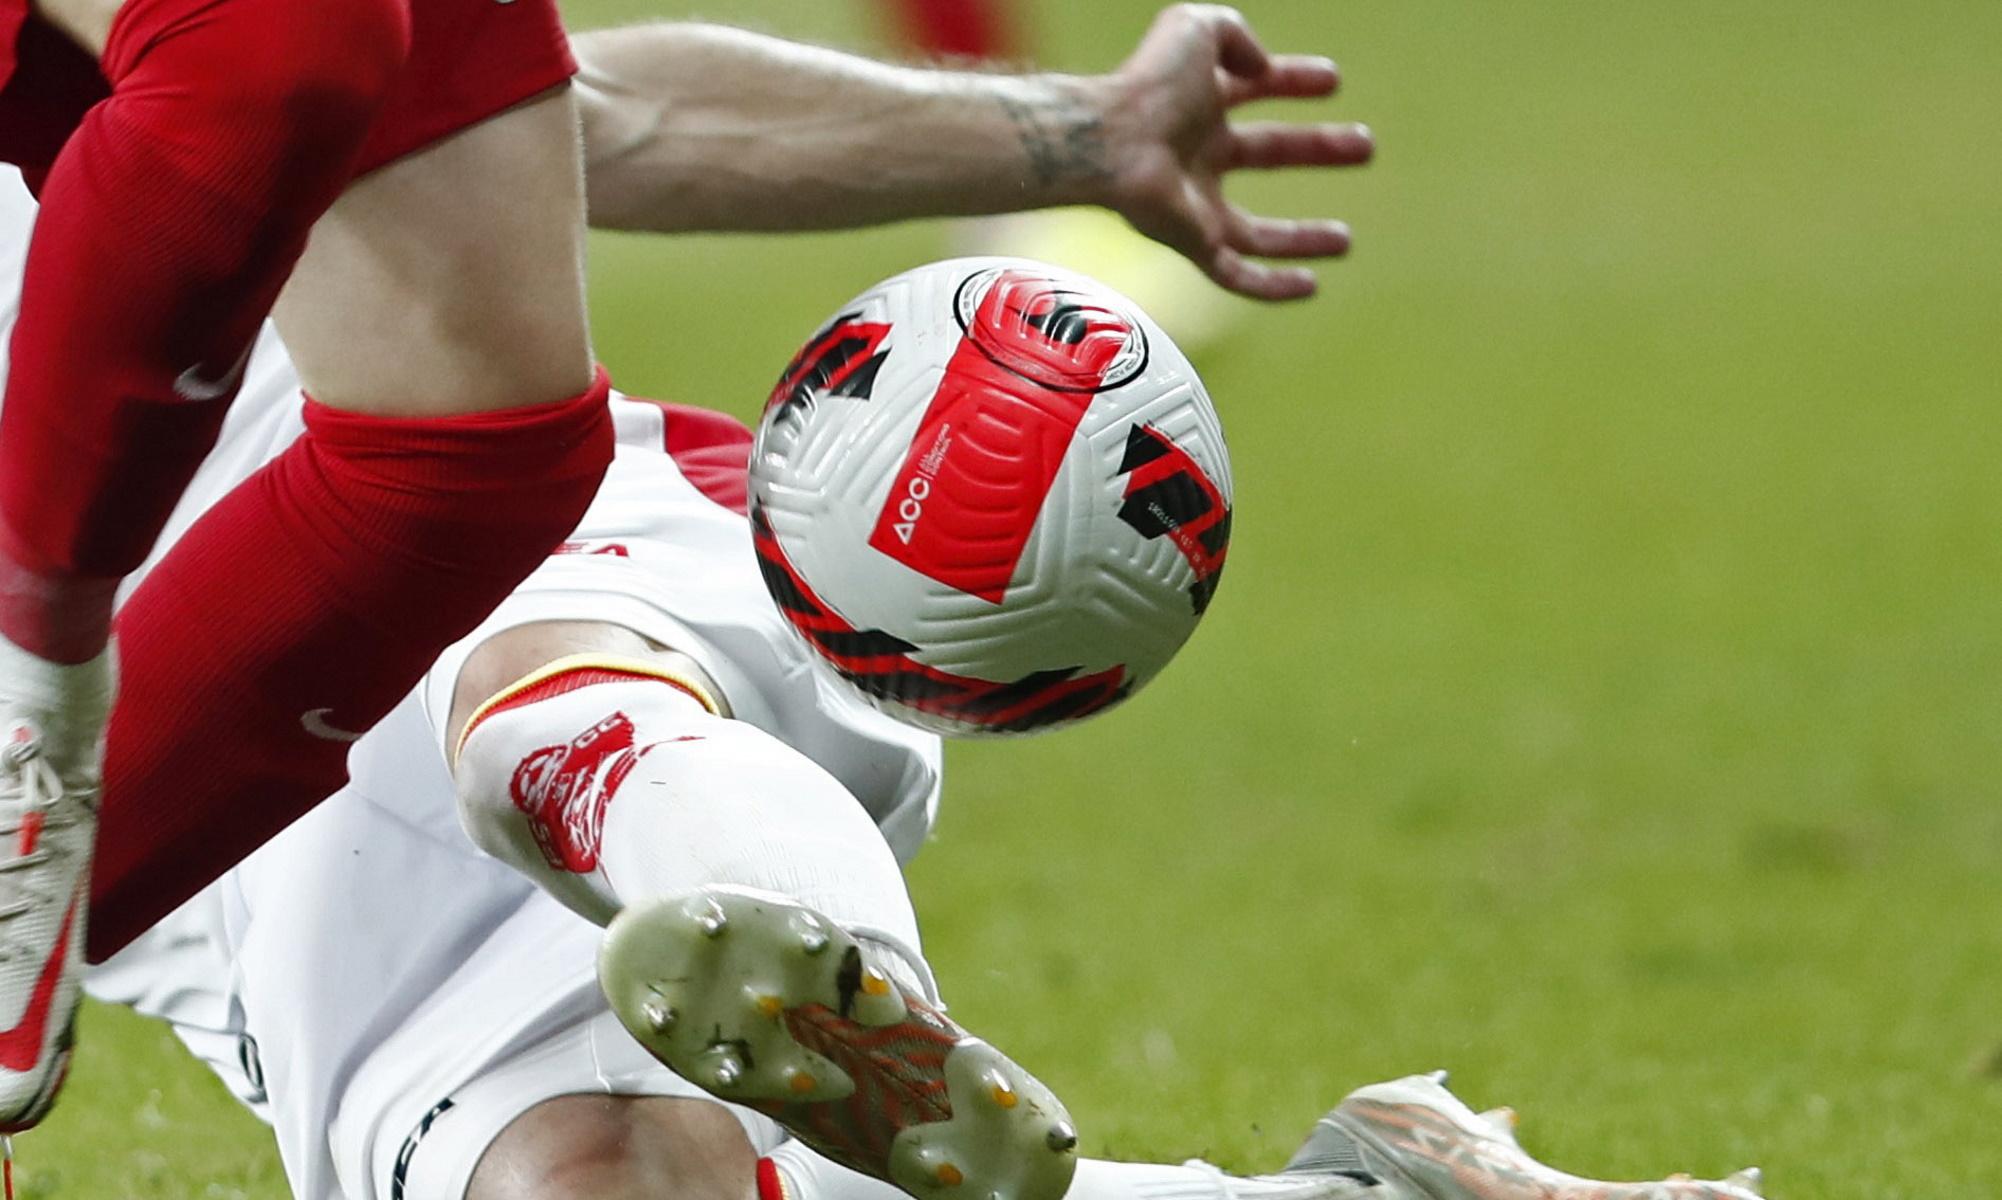 Αθλητικές μεταδόσεις με προκριματικά Παγκοσμίου Κυπέλλου (07/09)